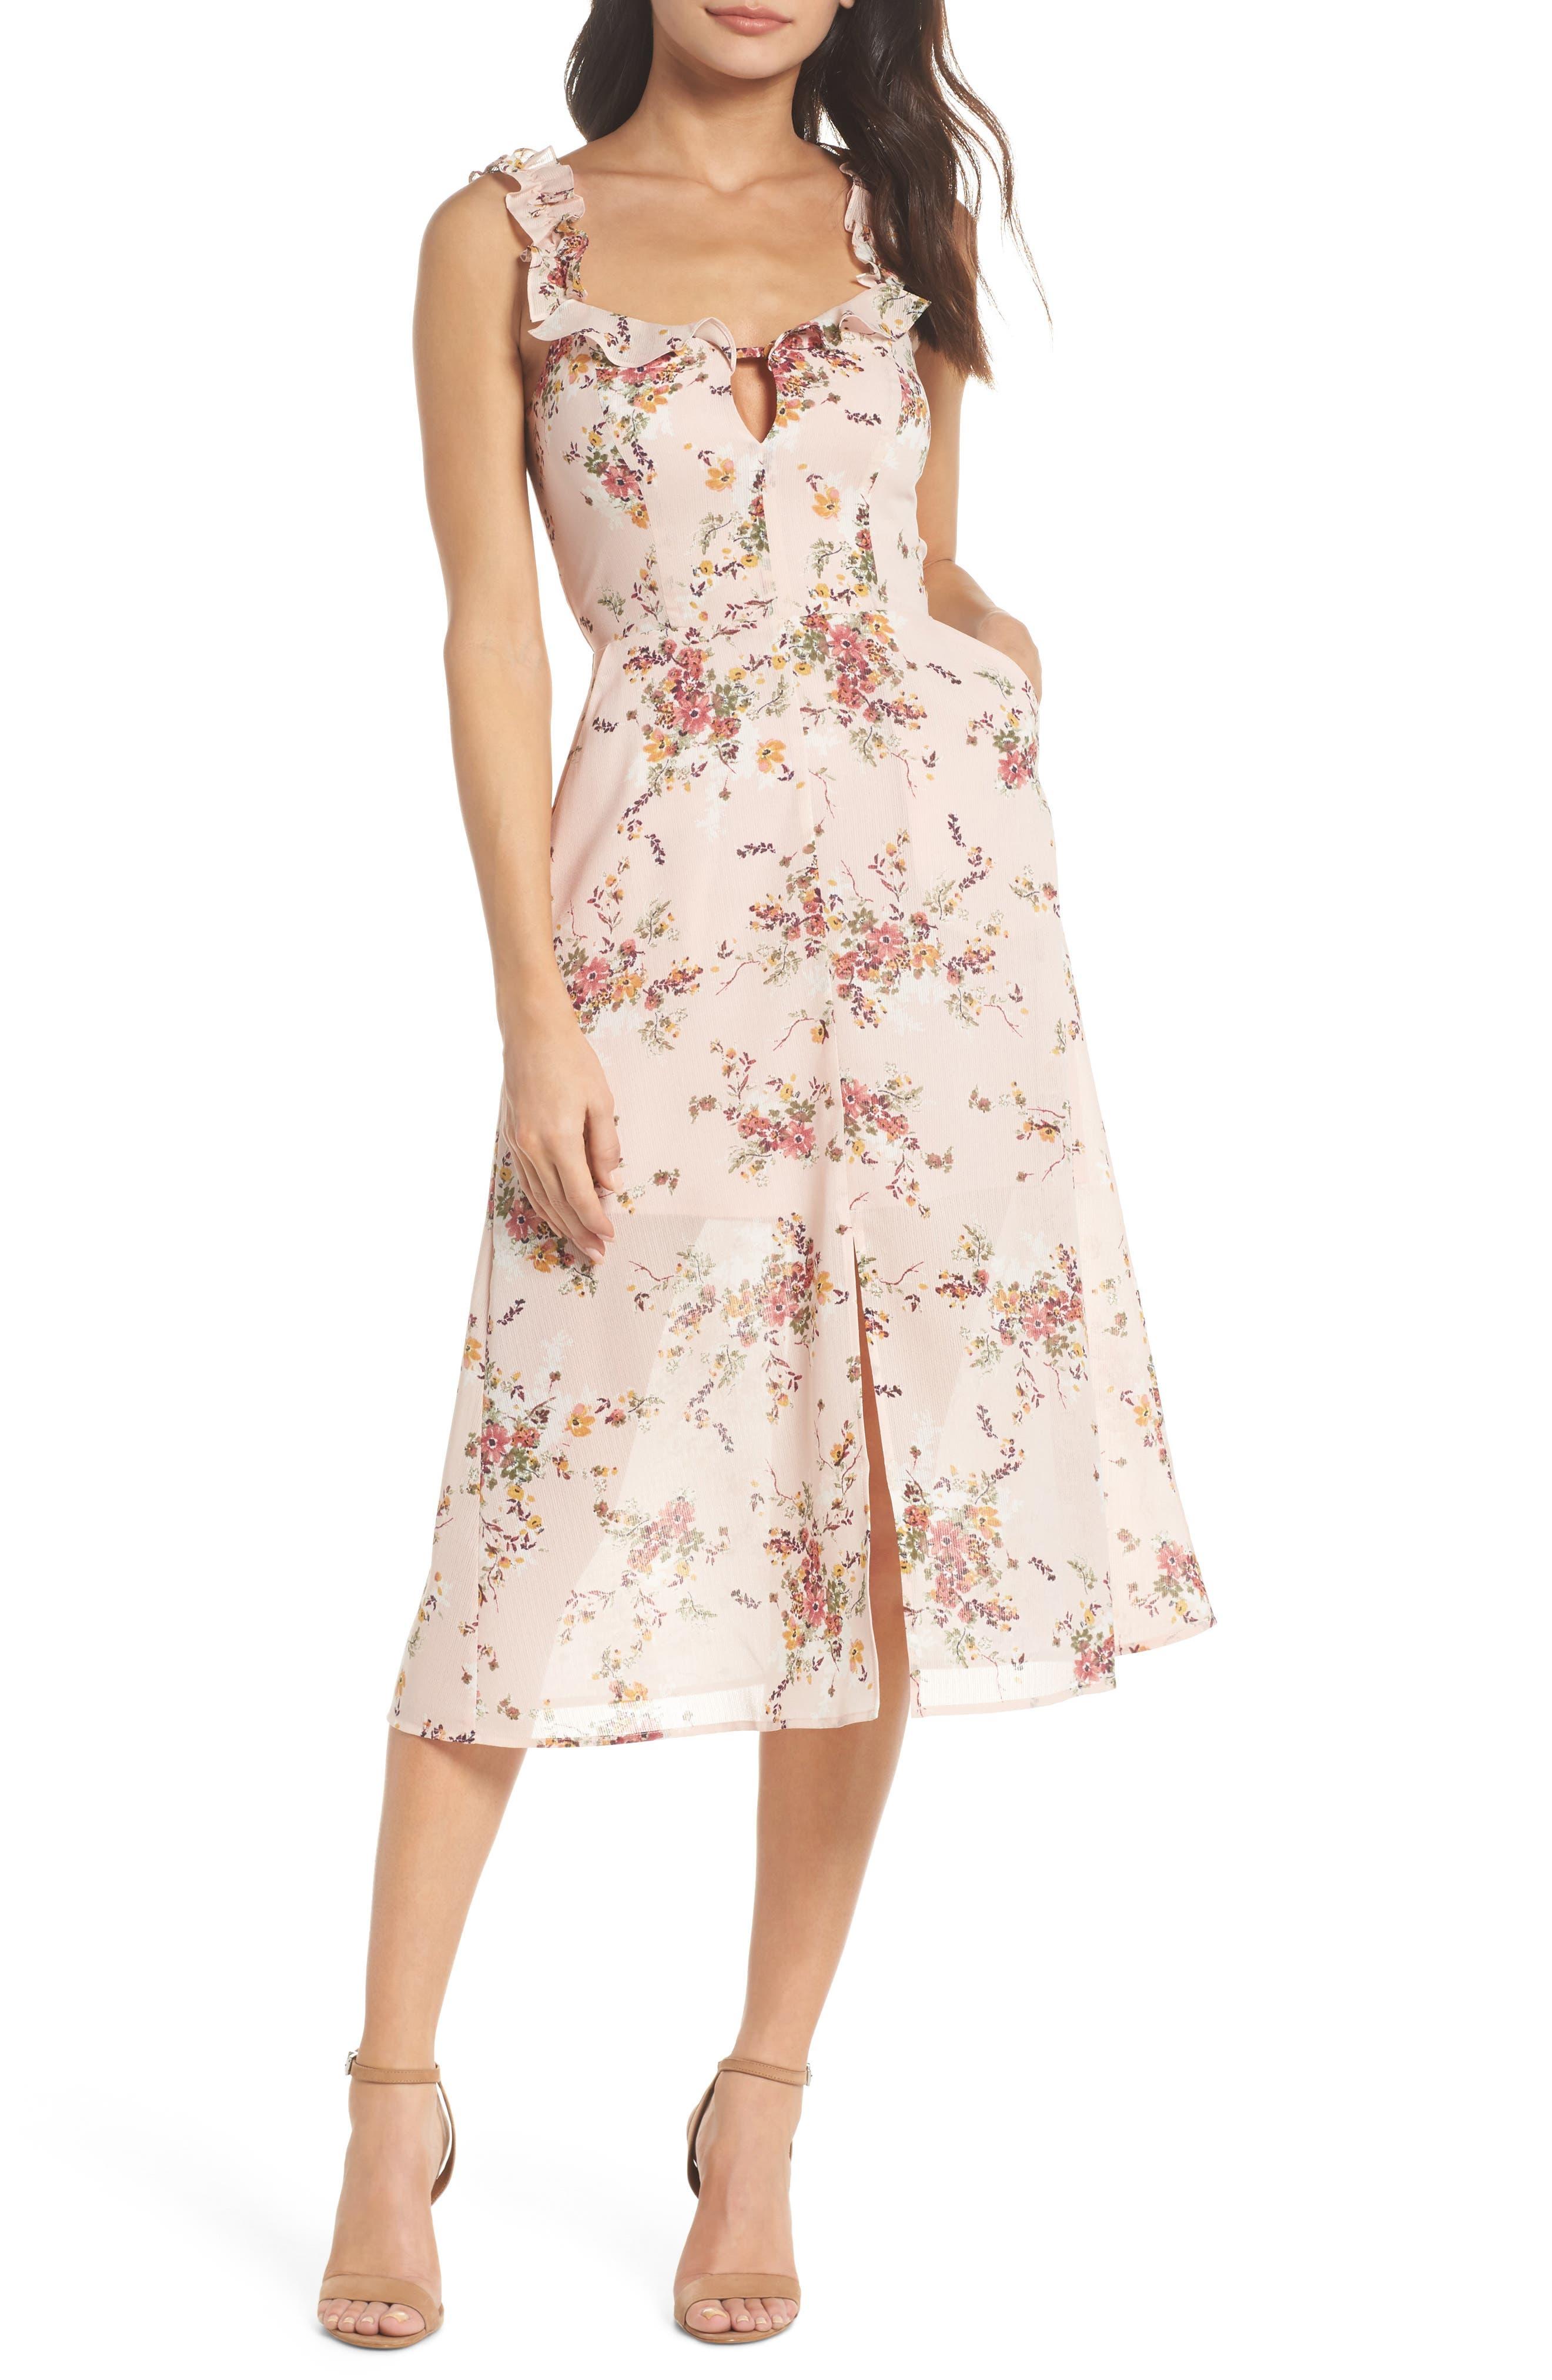 Atwater Village Midi Dress,                             Main thumbnail 1, color,                             Blush Vintage Bouquet